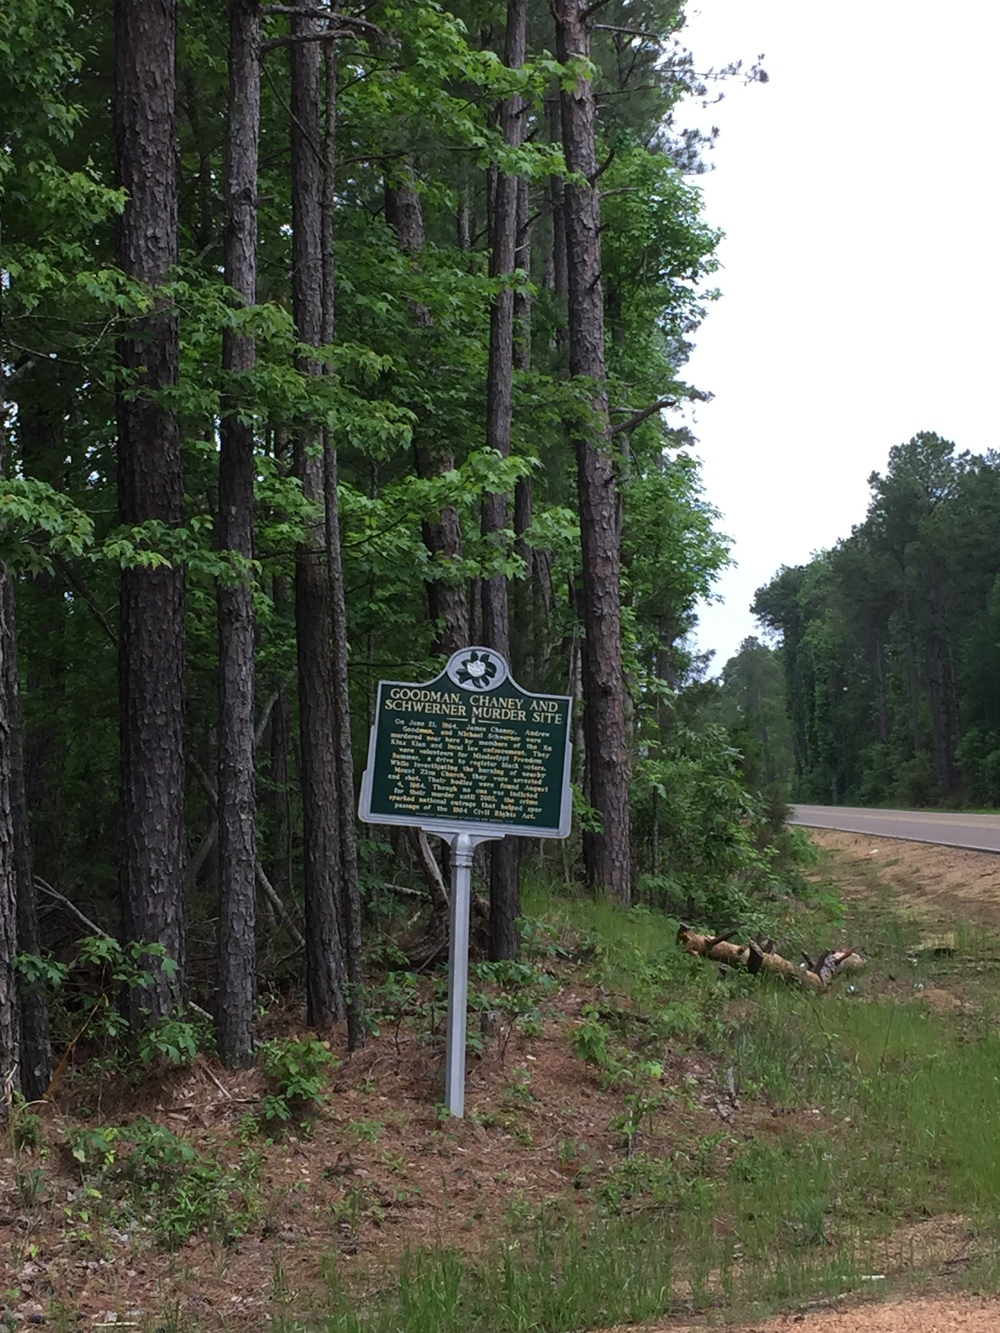 Murder Site Sign